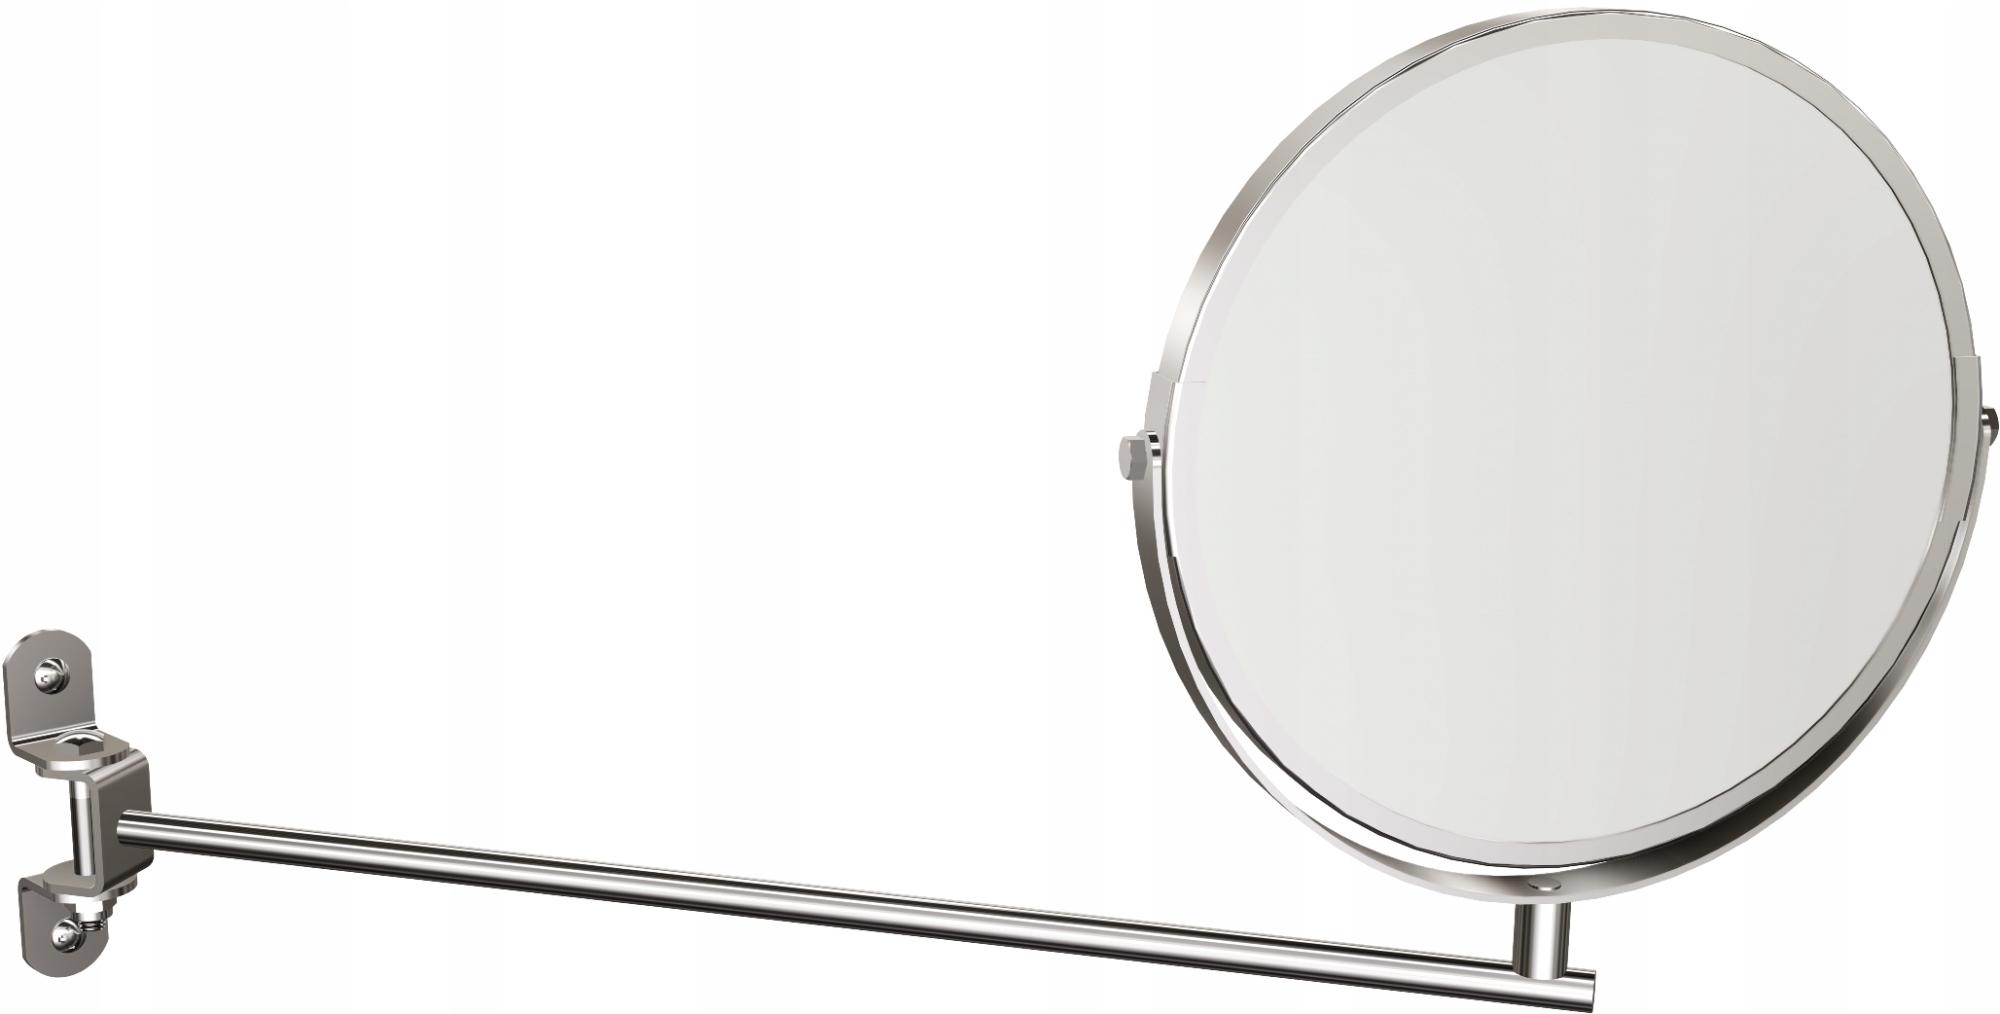 ANDEX Mirror TECHNIC полированная нержавеющая сталь